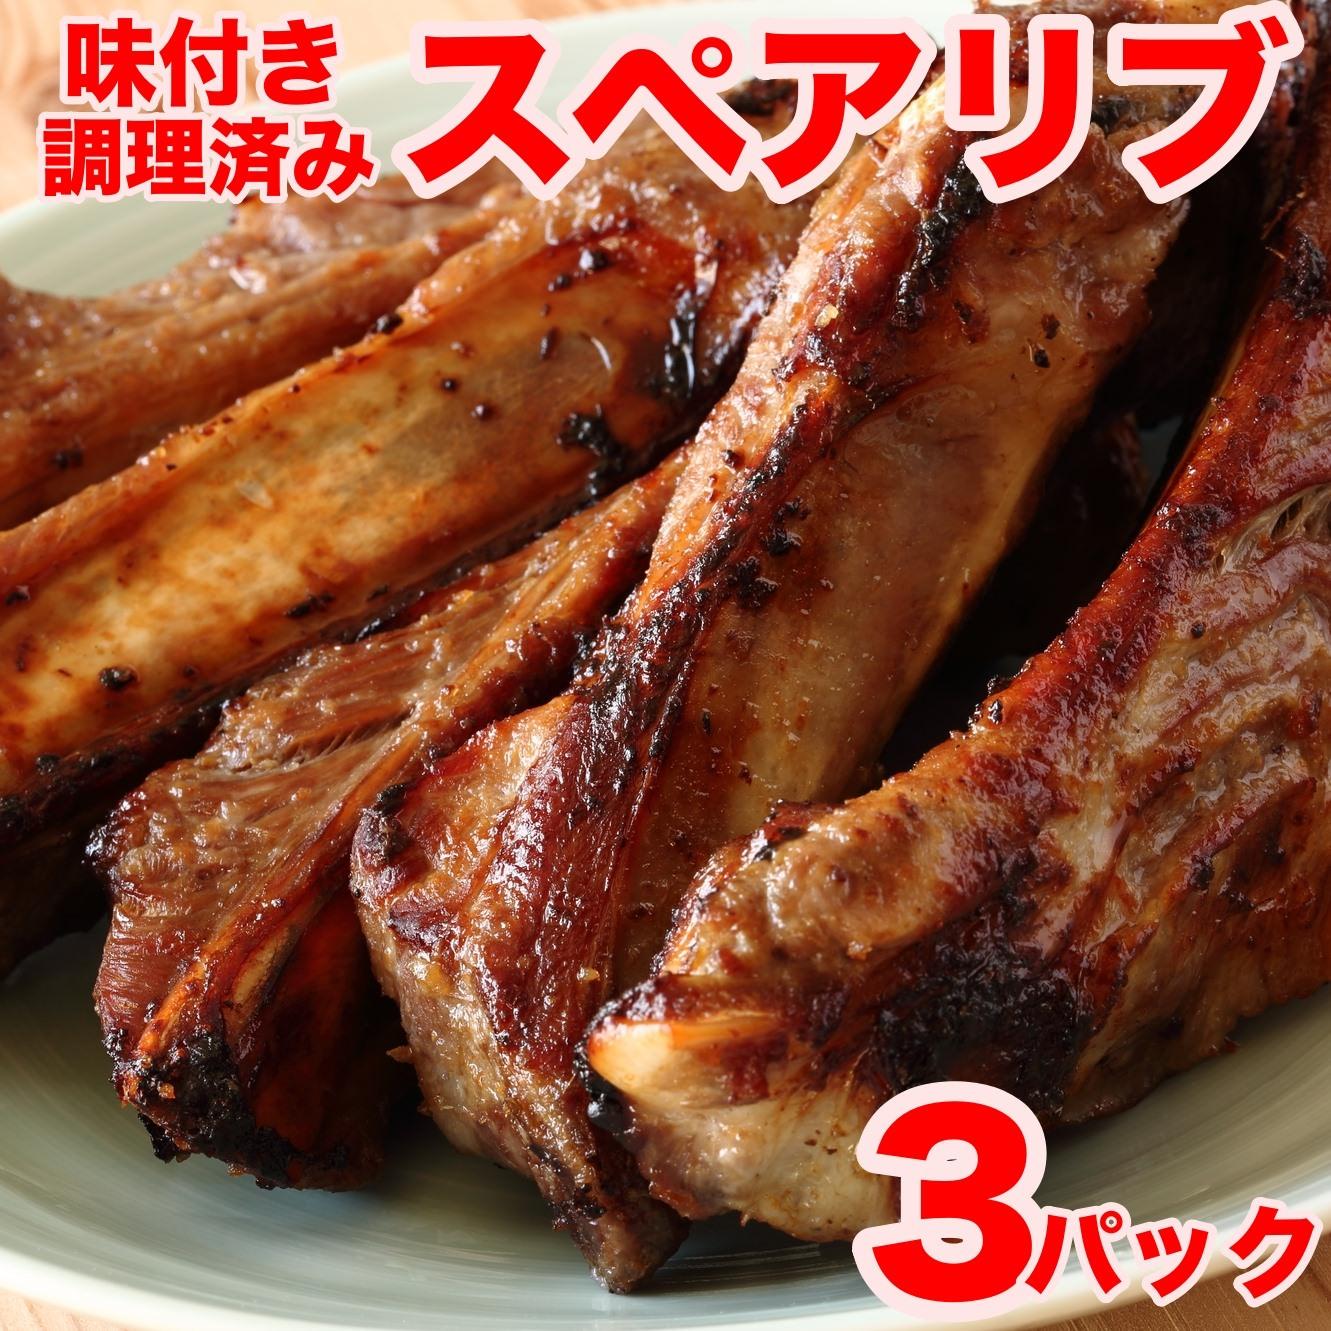 温めるだけでも美味しいスペアリブ3パック フライパンで焼き目を付けたらもう最高です バーベキューにもそのまま食べられるので最適です 豚 スペアリブ 味付き スーパーセール期間限定 骨付き 3パック ギフト 温めるだけ バーベキュー BBQ 松阪牛やまとのお惣菜 簡易包装 コロナ セット 惣菜セット 自粛 訳あり 肉 冷凍食品 取り寄せ 応援 NEW 冷凍 惣菜 巣ごもり おかず